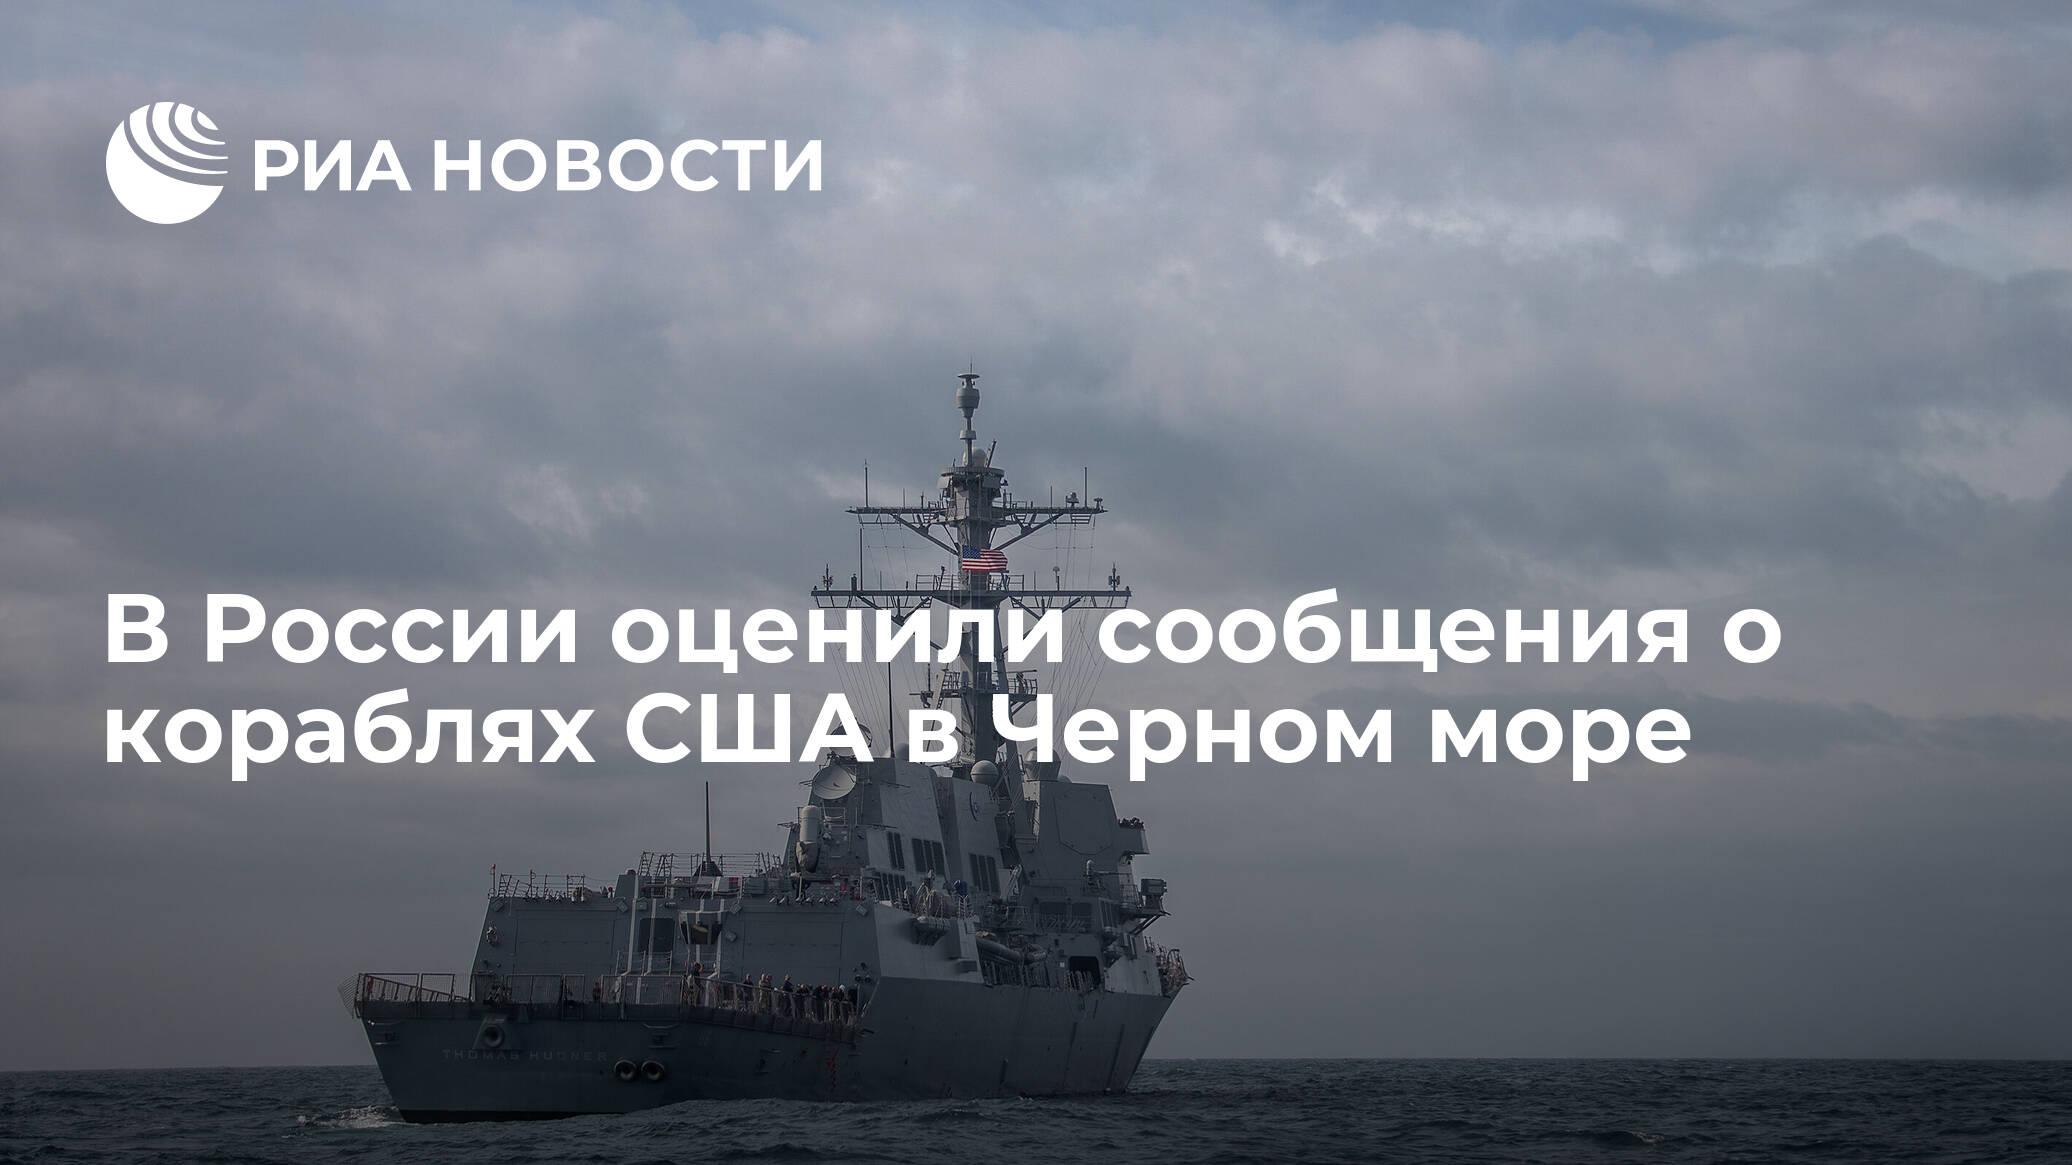 Депутат Госдумы Панина оценила сообщение о кораблях США в Черное море